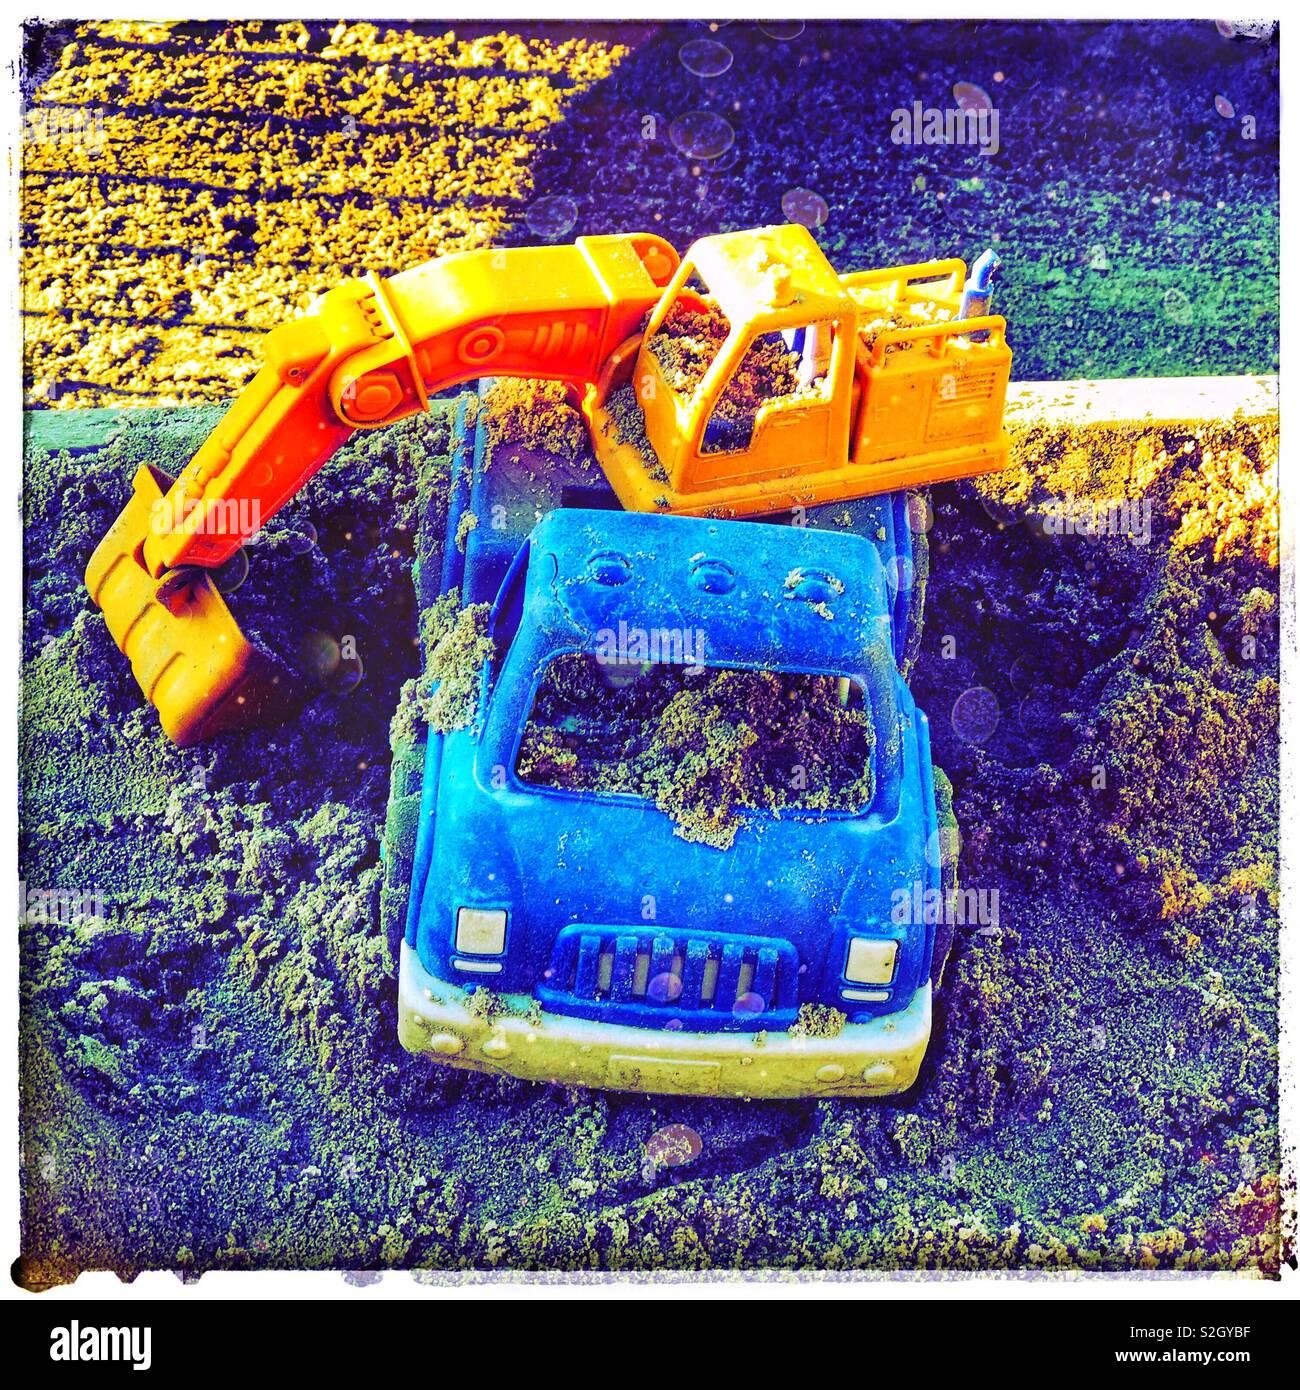 Child struck in a sandbox - Stock Image